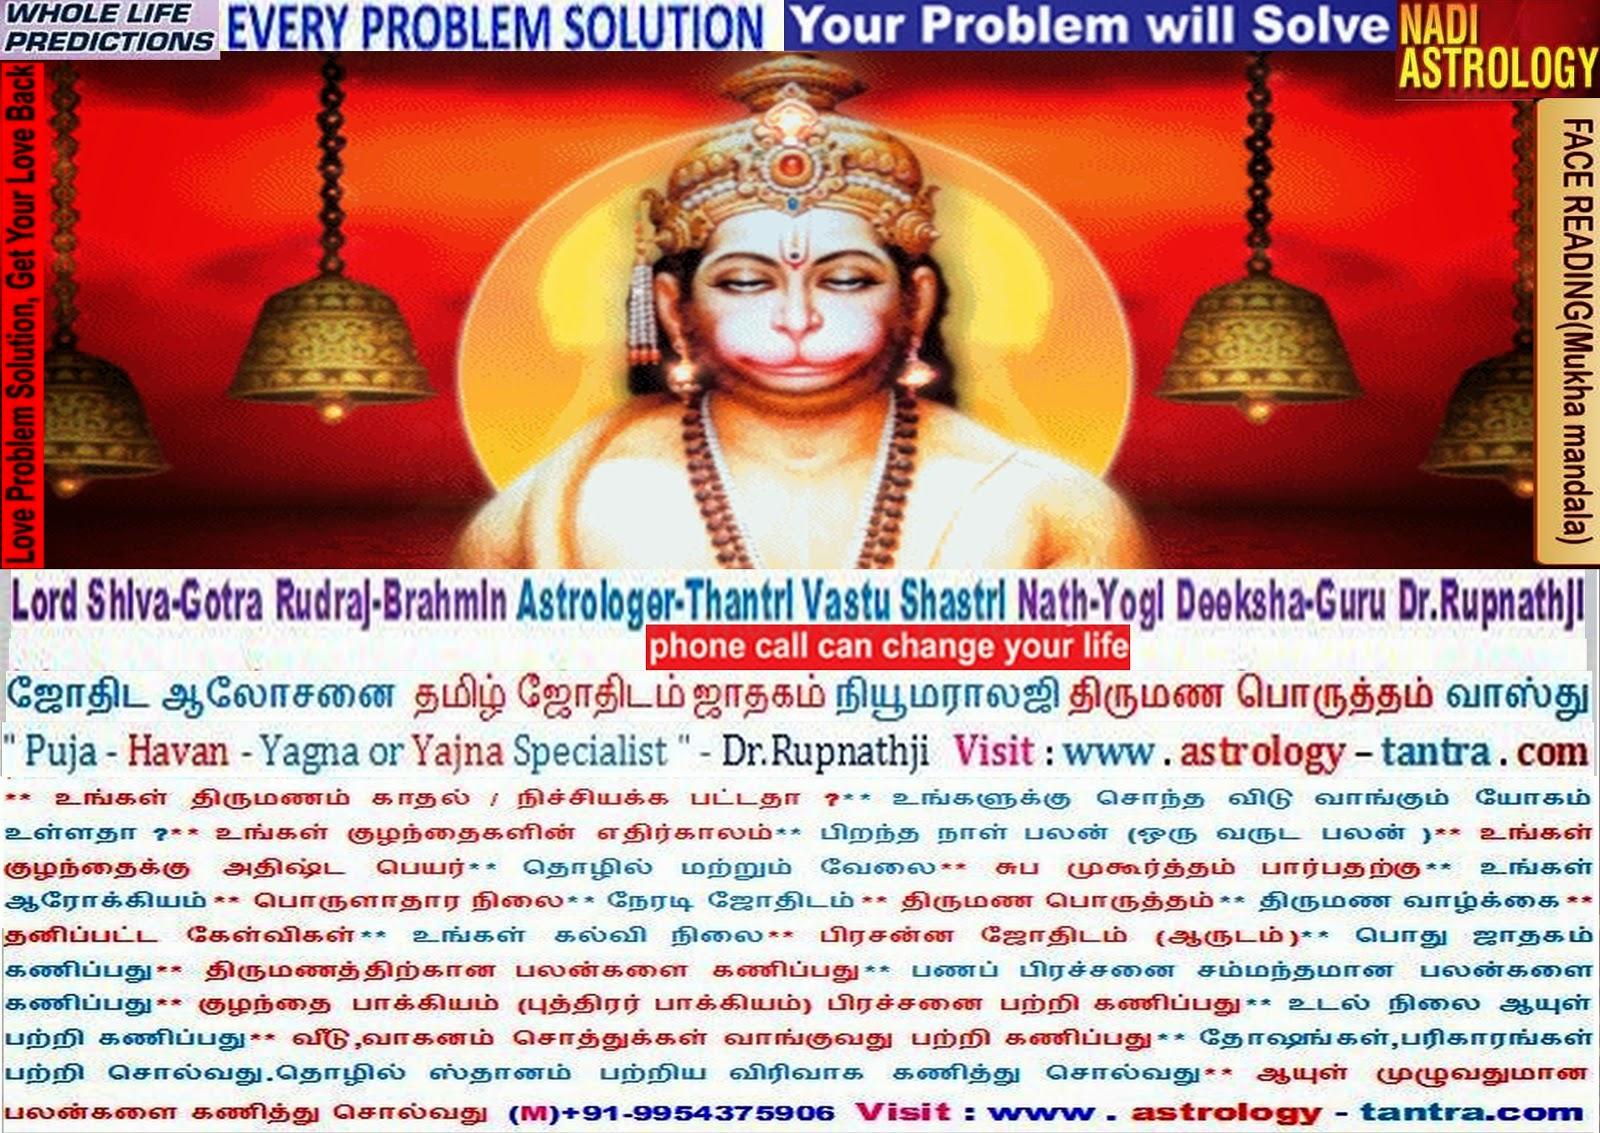 Astrologer In Ramanathapuram Coimbatore